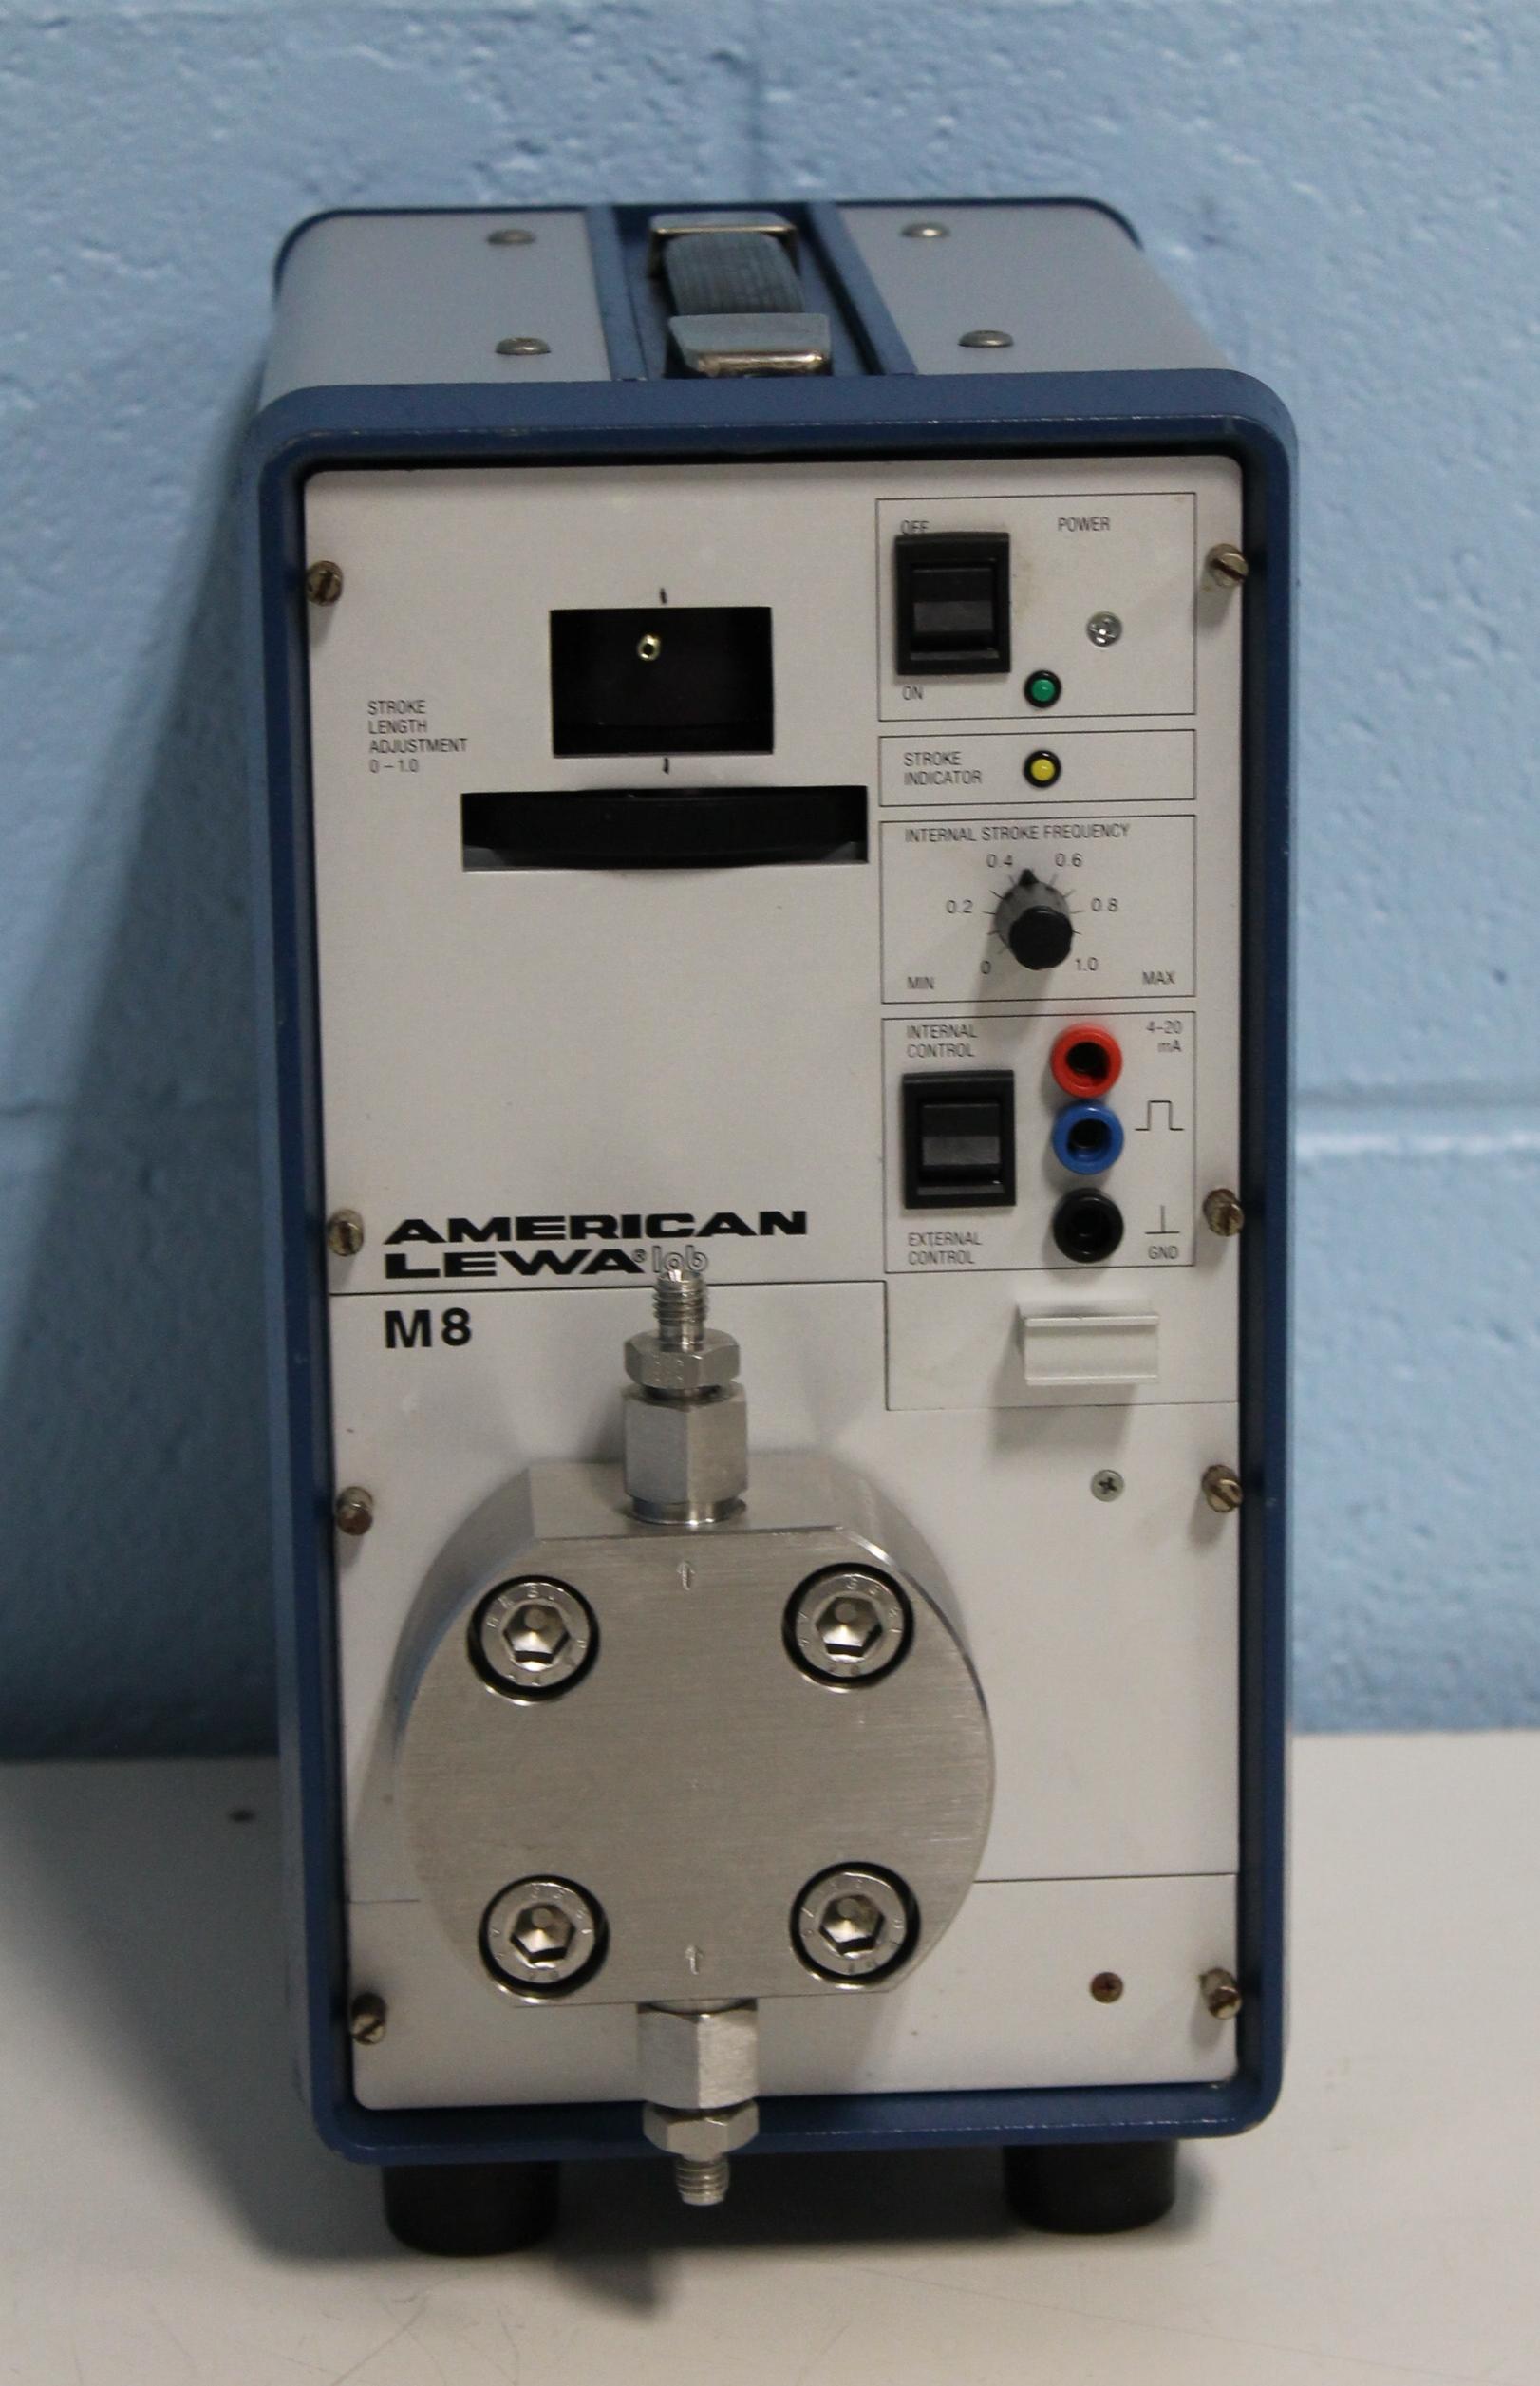 American Lewa Lab M8 Microflow-Metering Pump Image